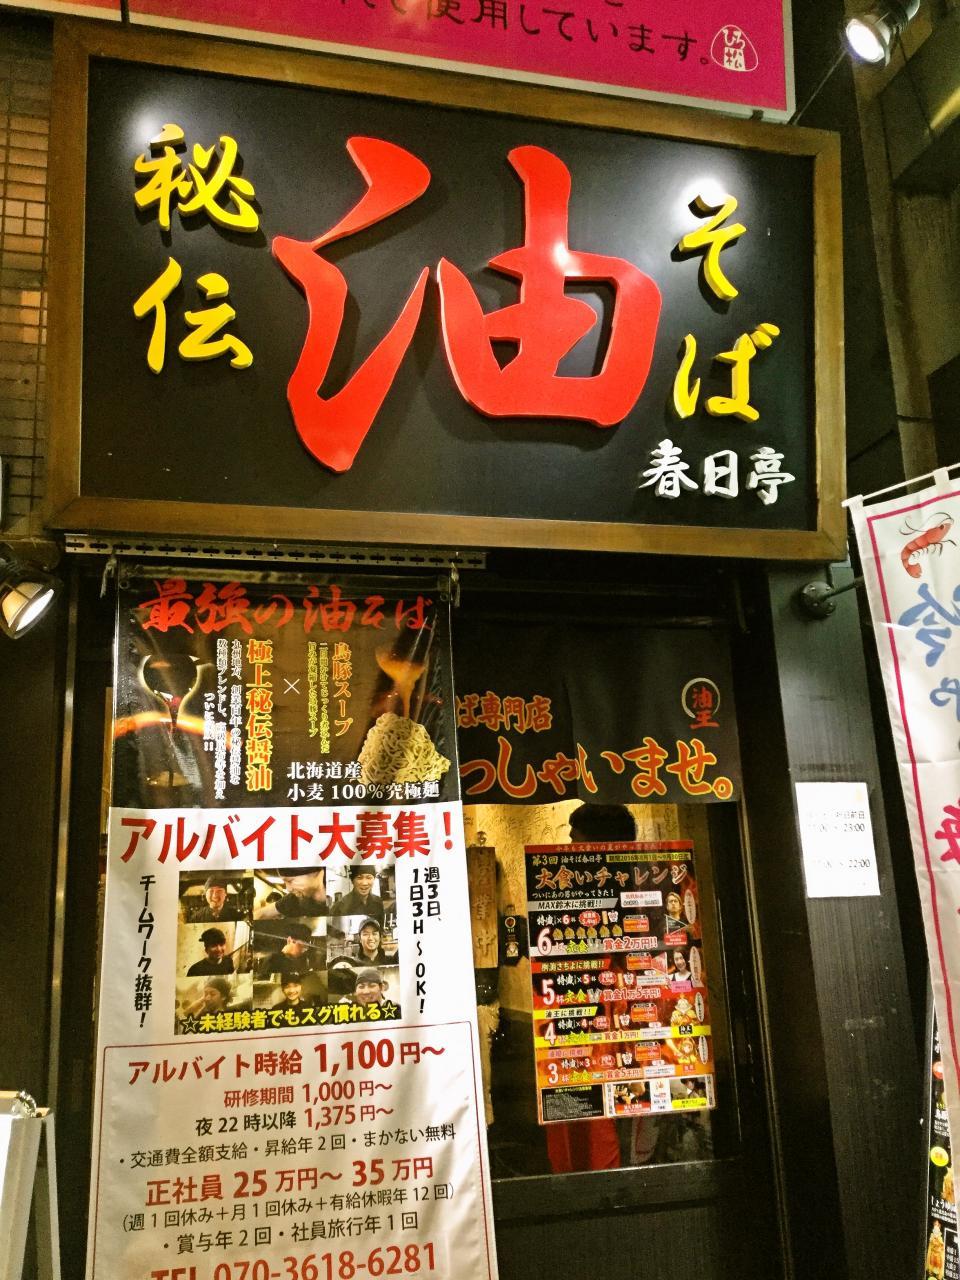 油そば 春日亭 渋谷店(店舗)